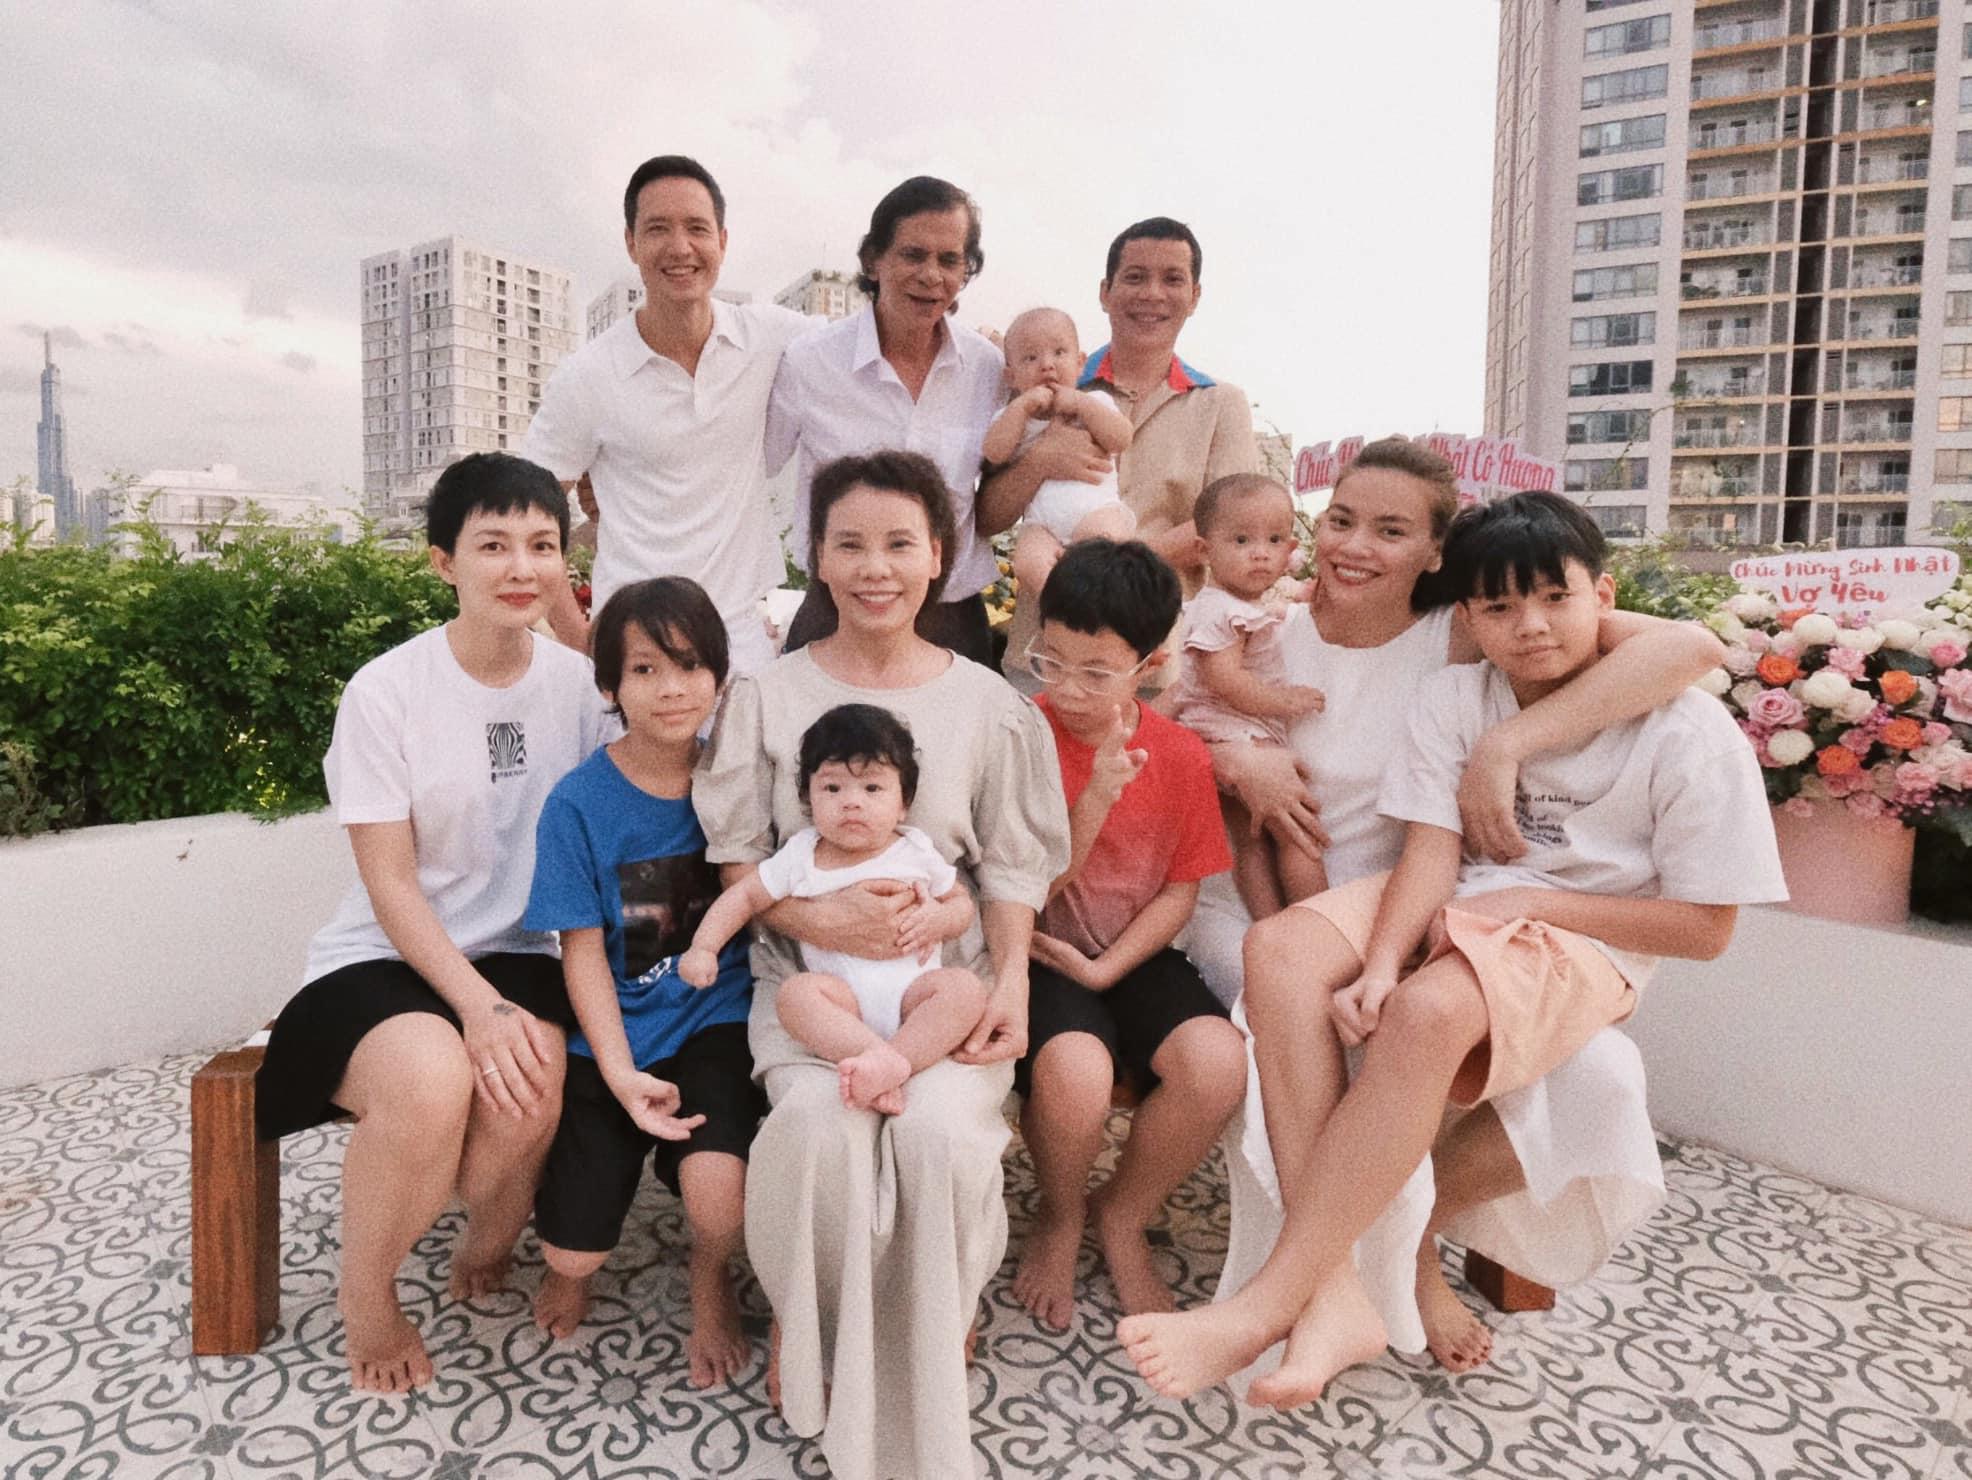 Kim Lý chúc mừng sinh nhật mẹ Hồ Ngọc Hà, nhìn ảnh là biết mối quan hệ thật sự với bố mẹ và con riêng Subeo của vợ - ảnh 2